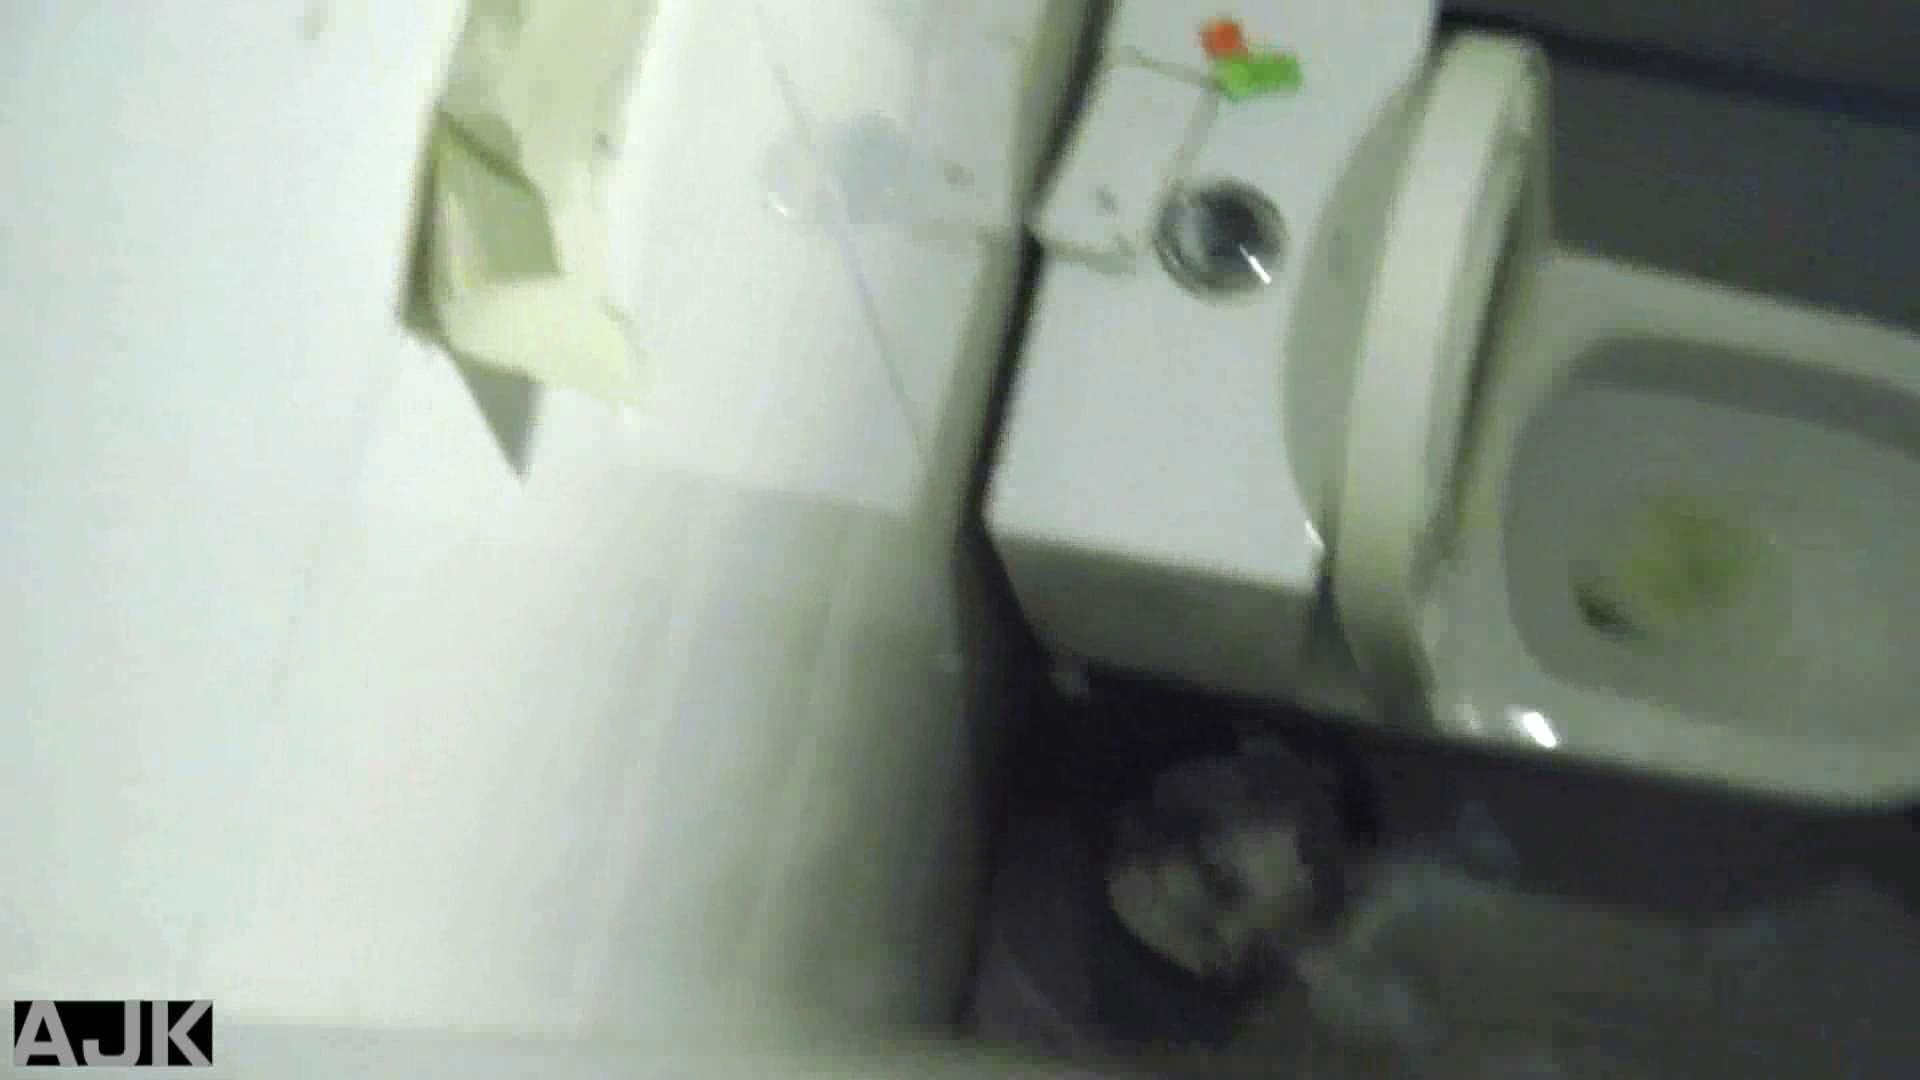 隣国上階級エリアの令嬢たちが集うデパートお手洗い Vol.13 マンコ  100画像 22